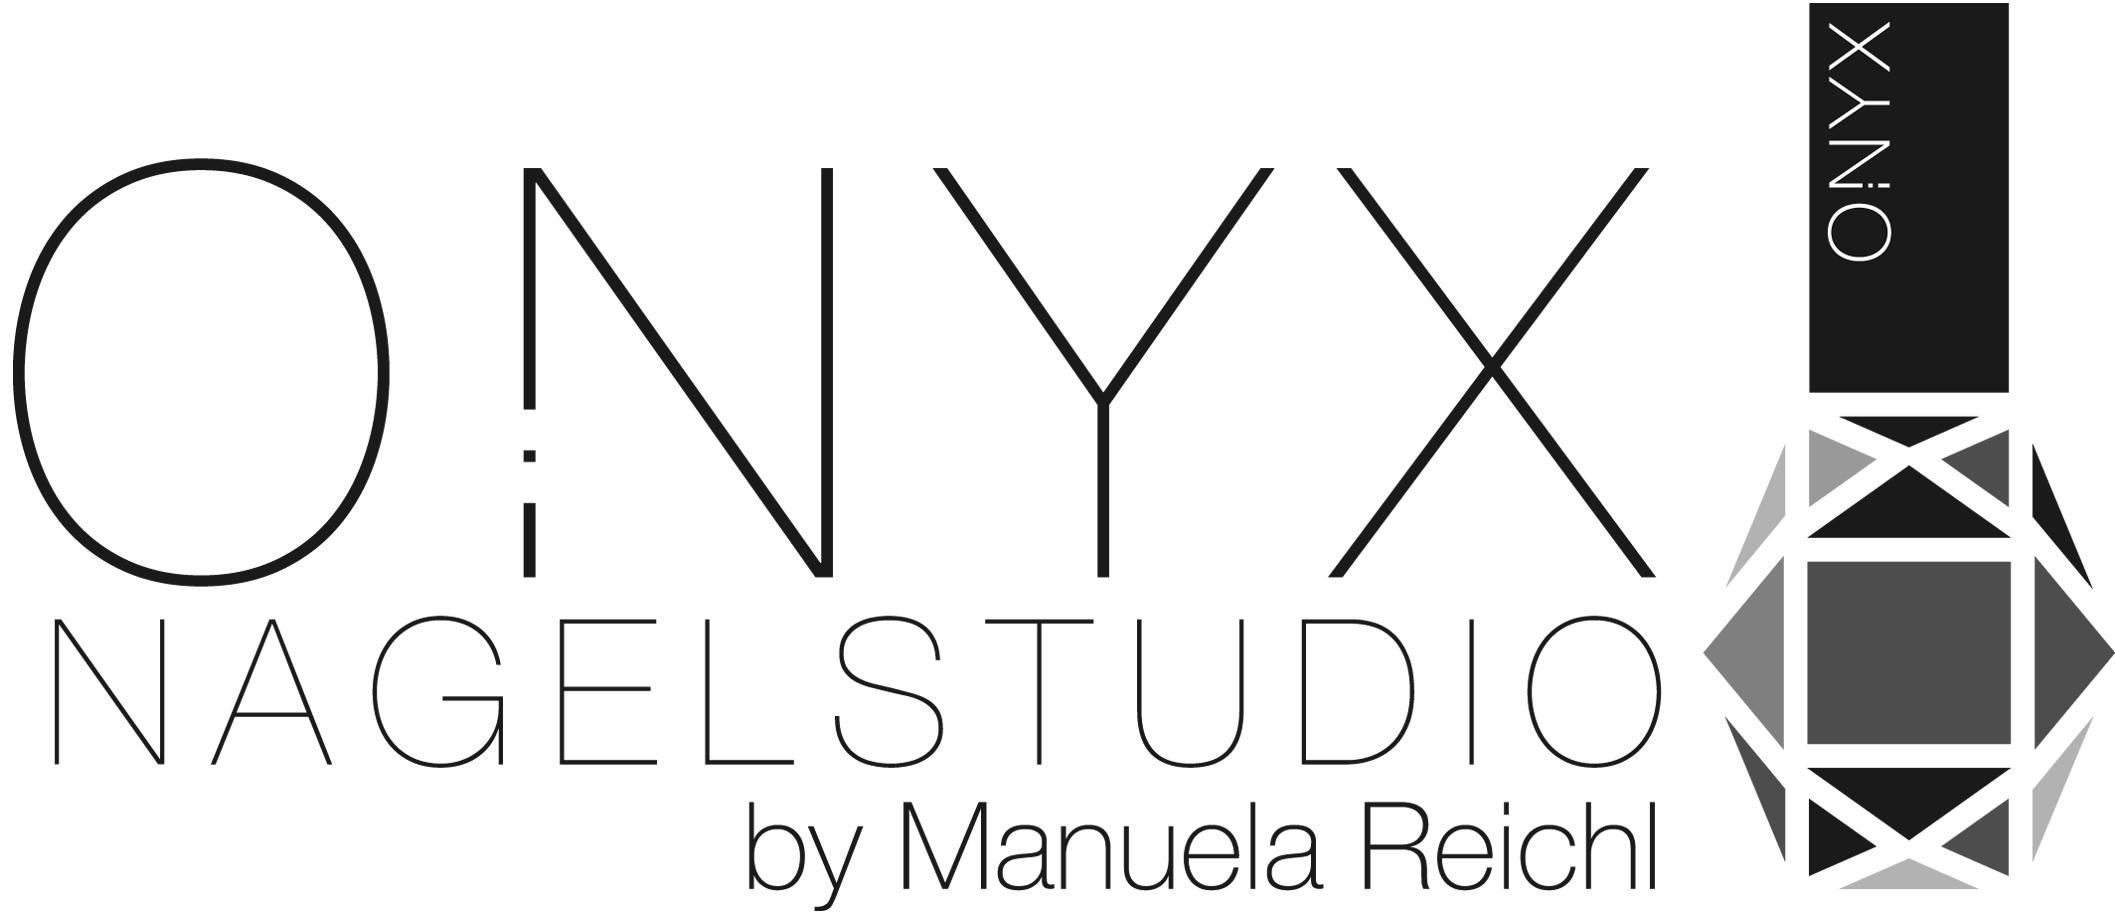 Nagelstudio Onyx